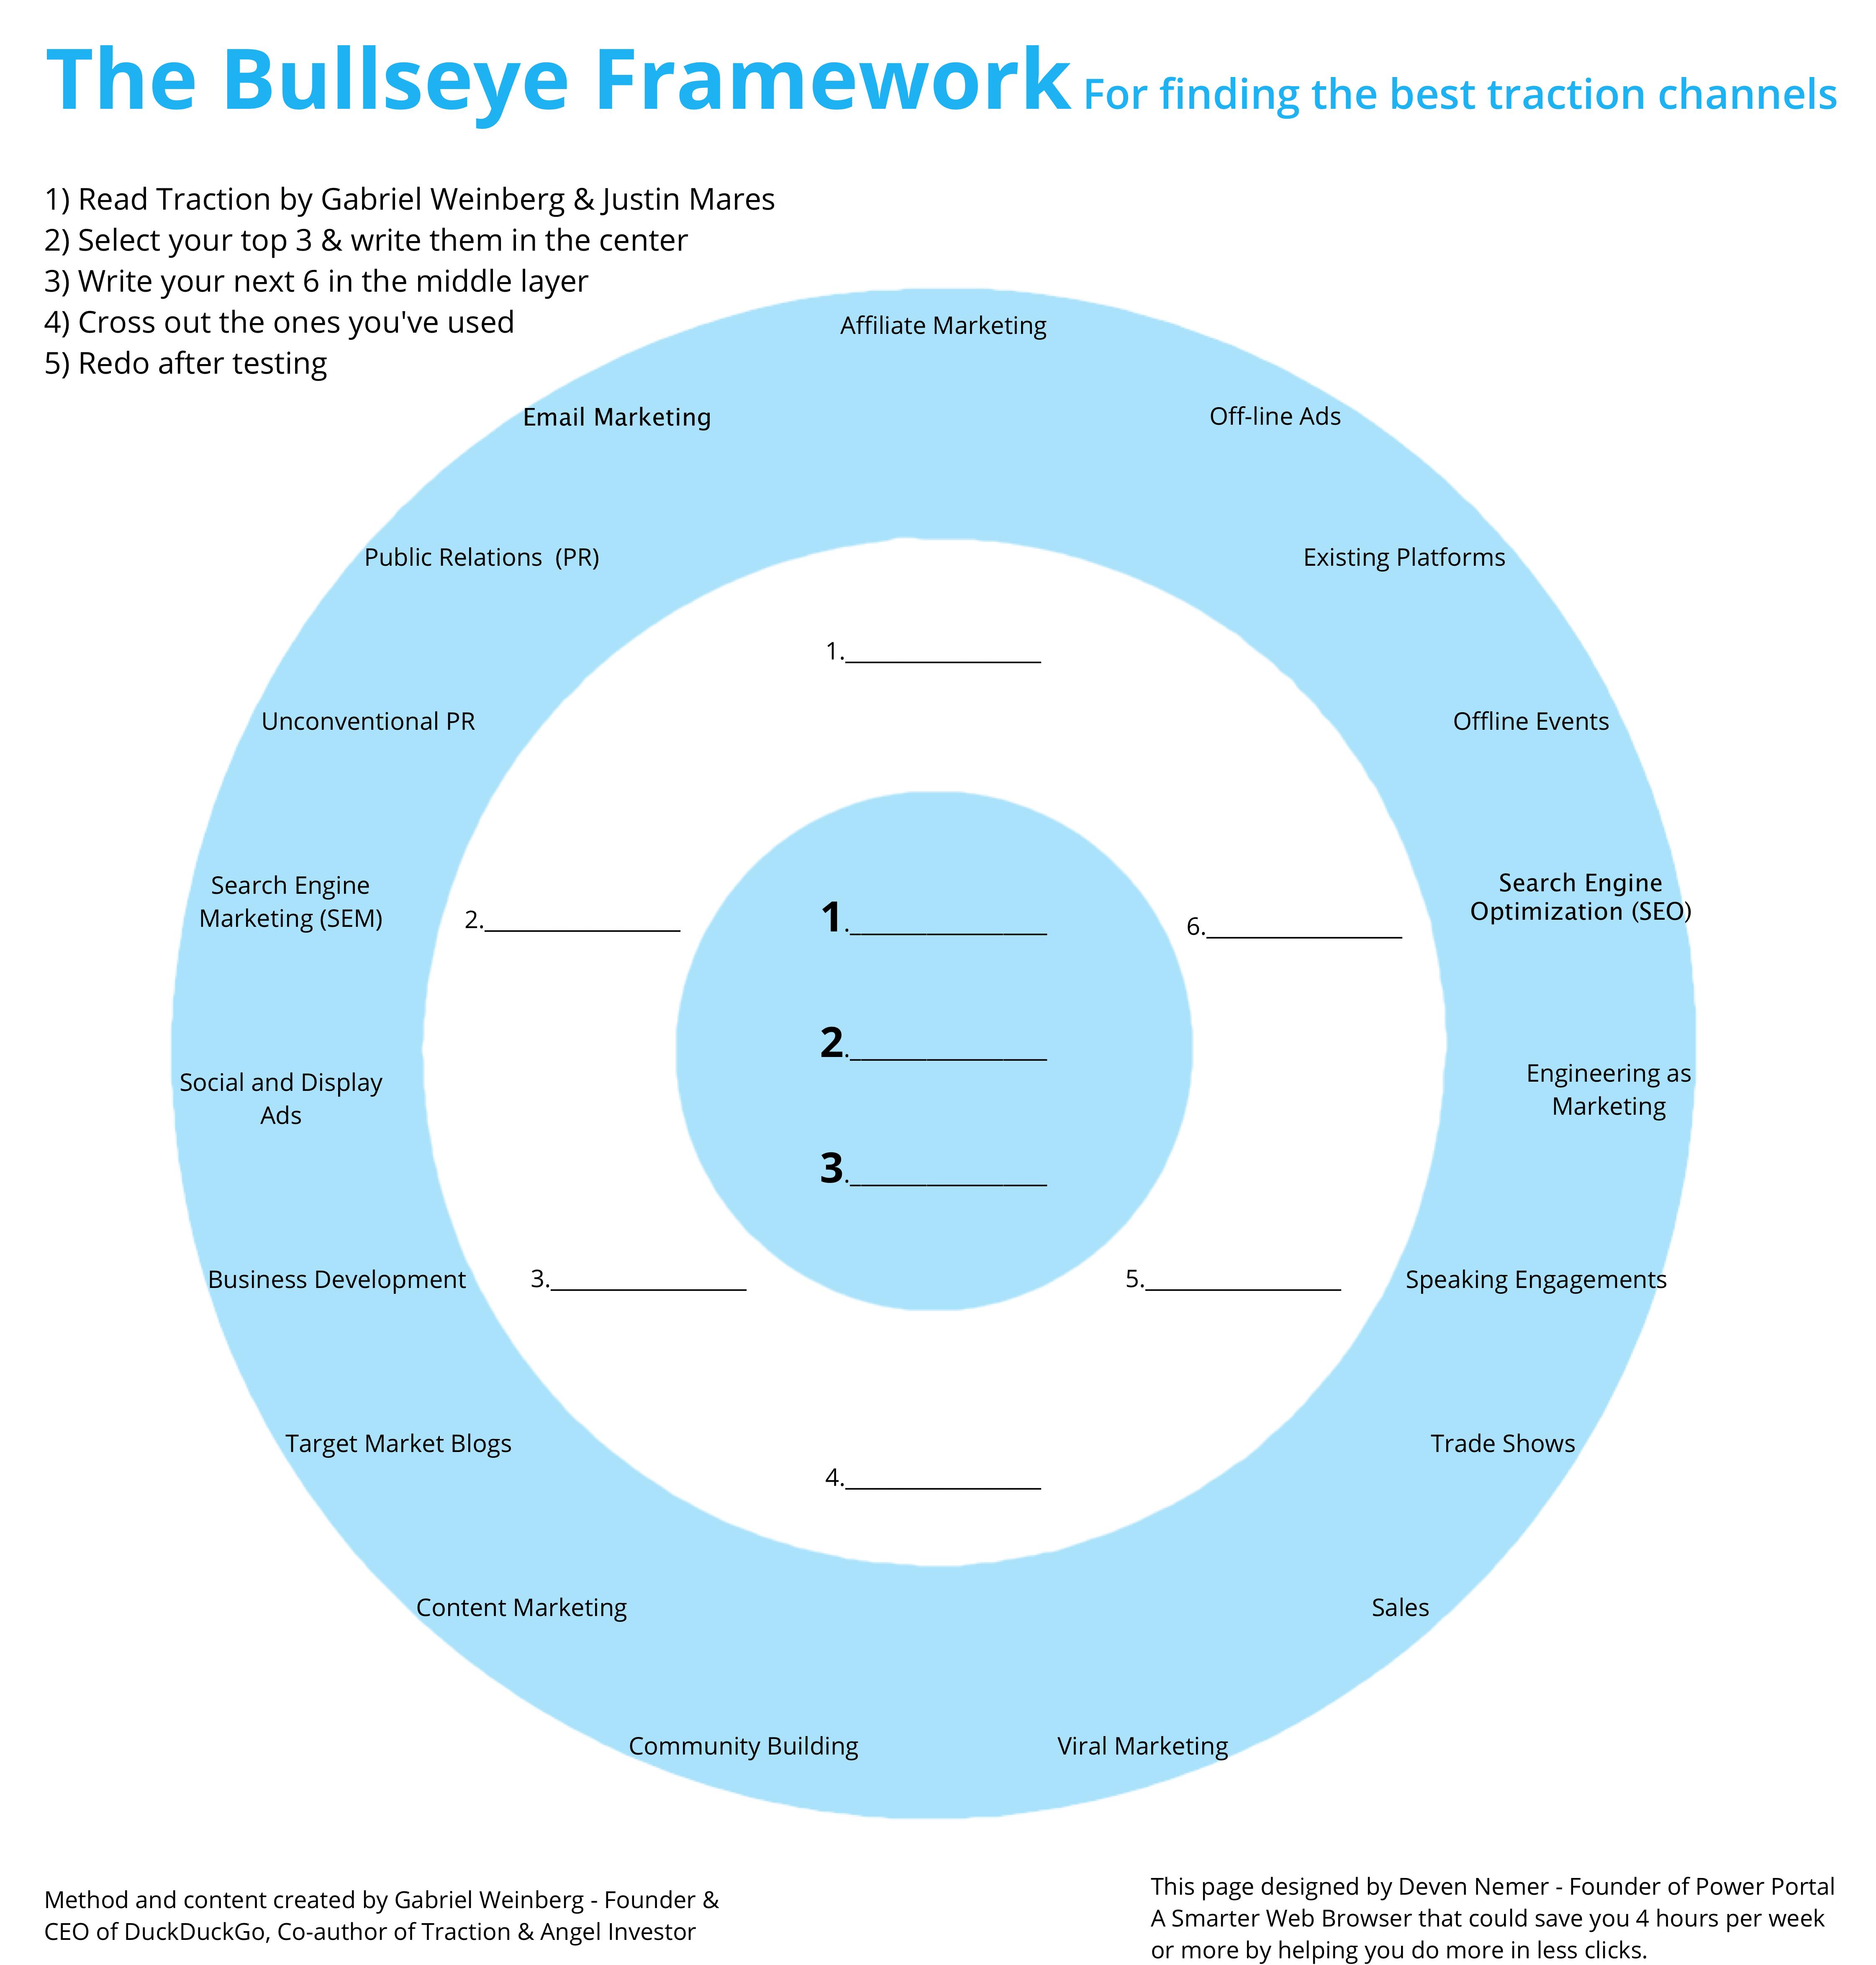 buz-bullseye-framework